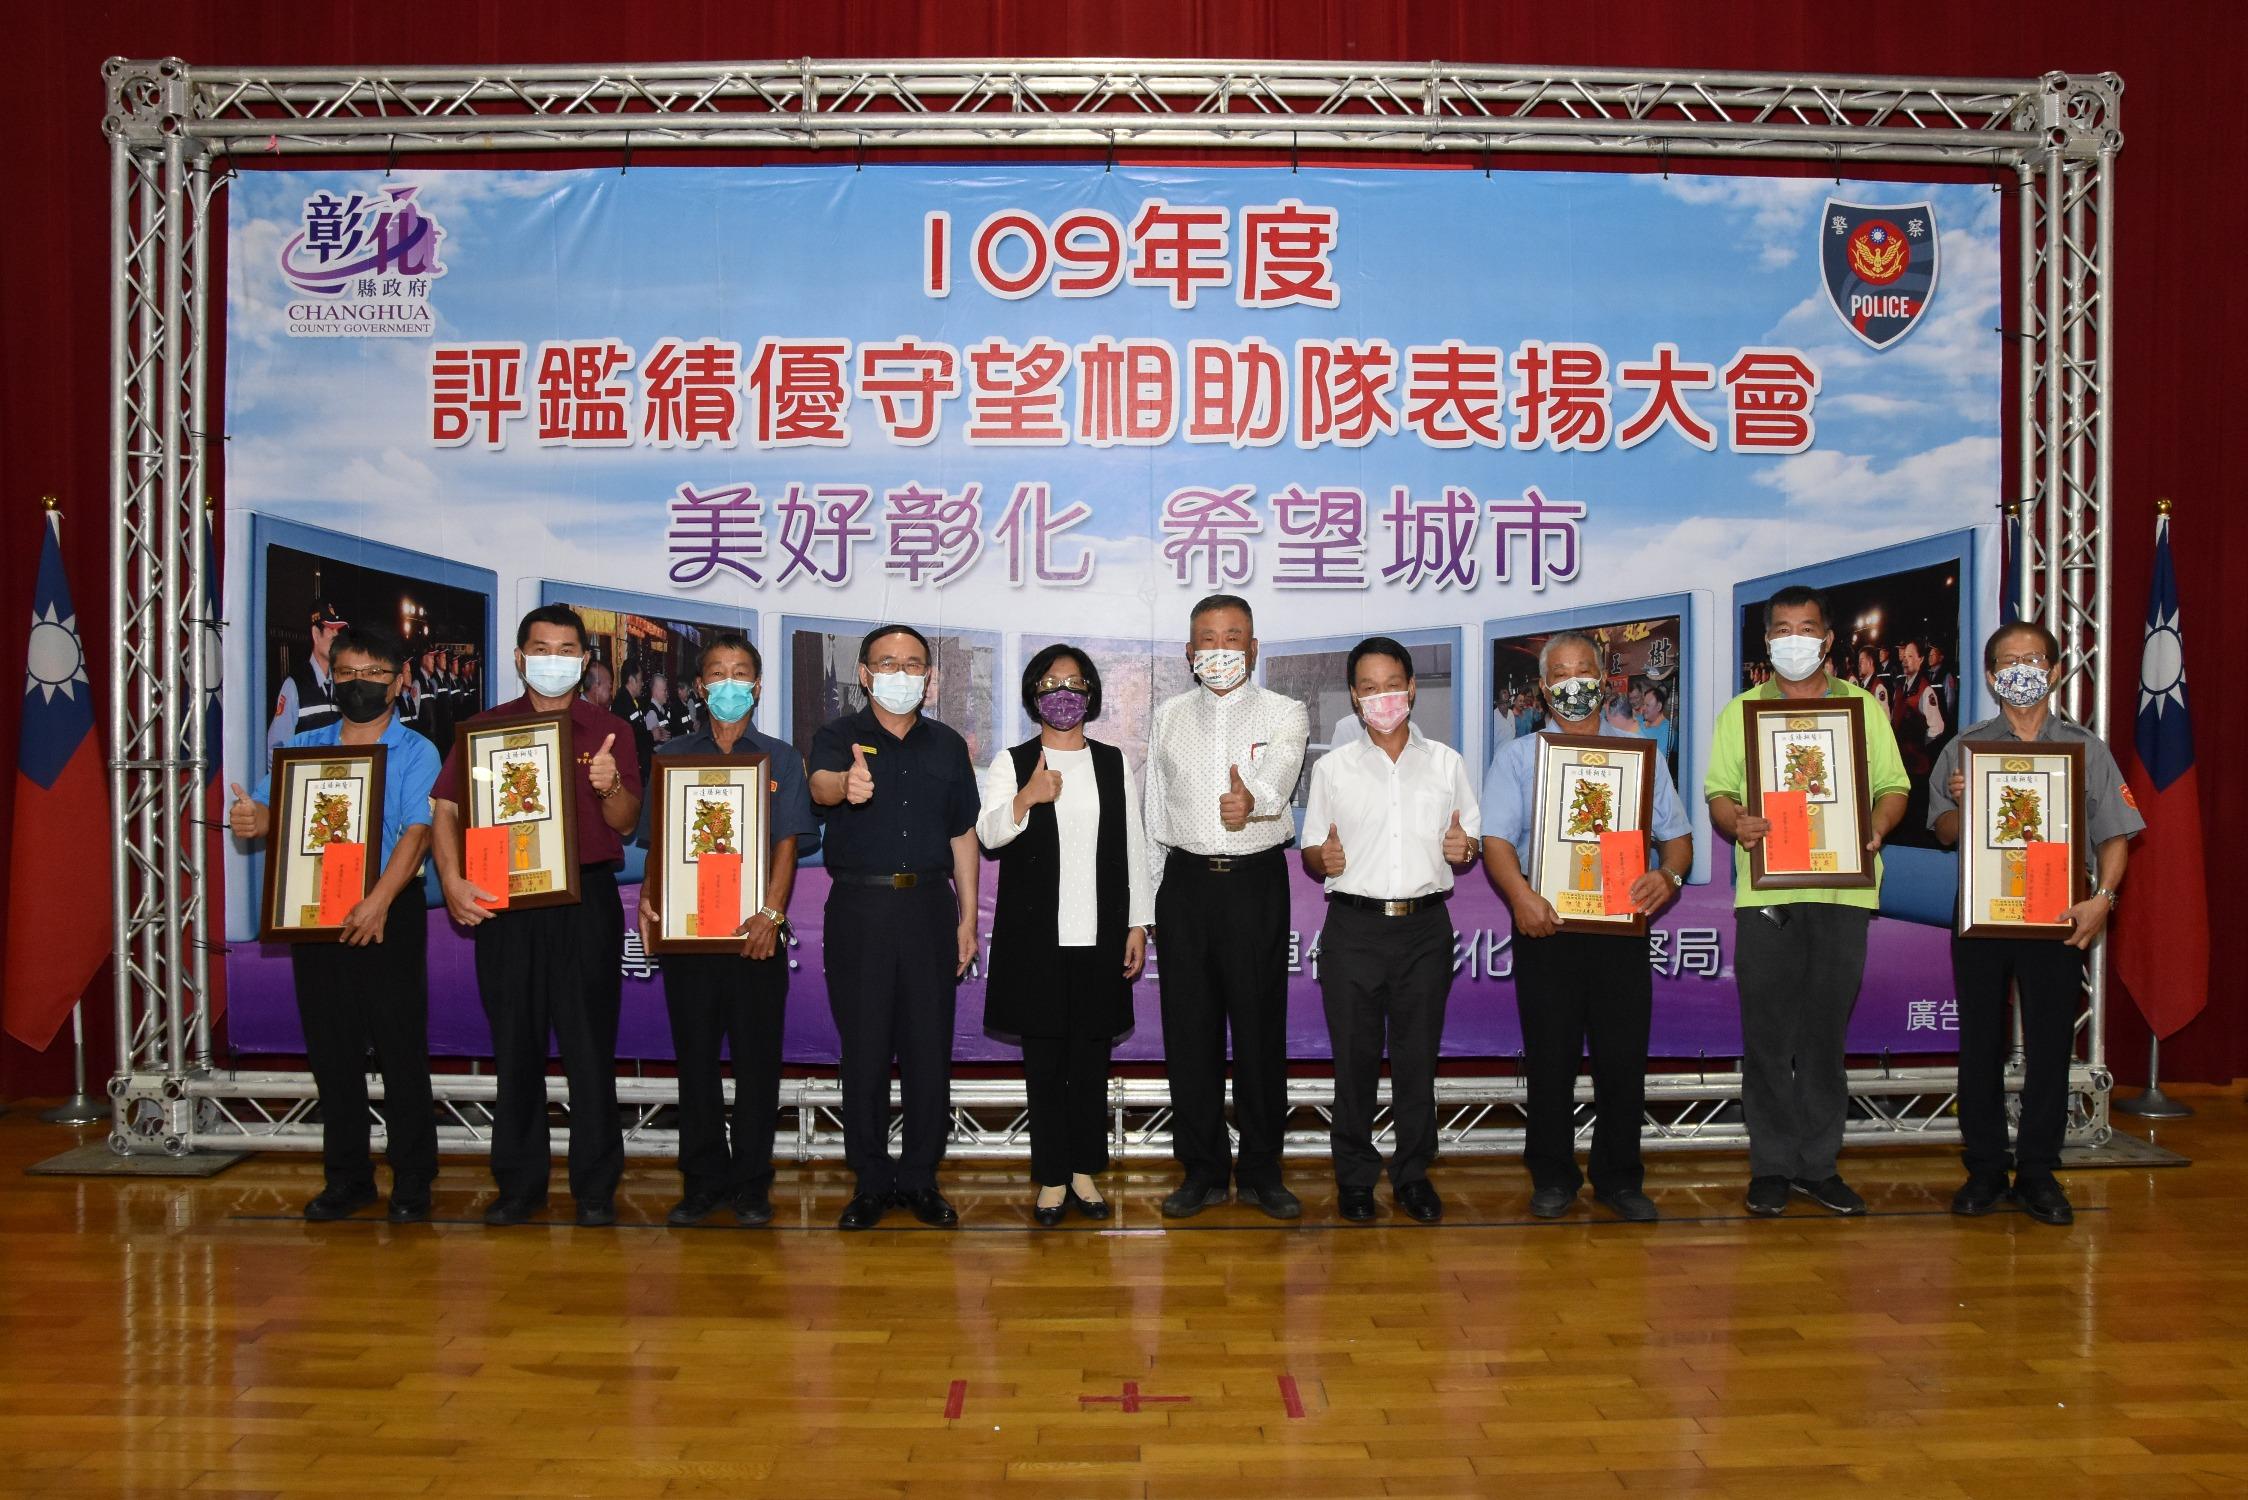 縣長王惠美公開表揚109年績優守望相助隊